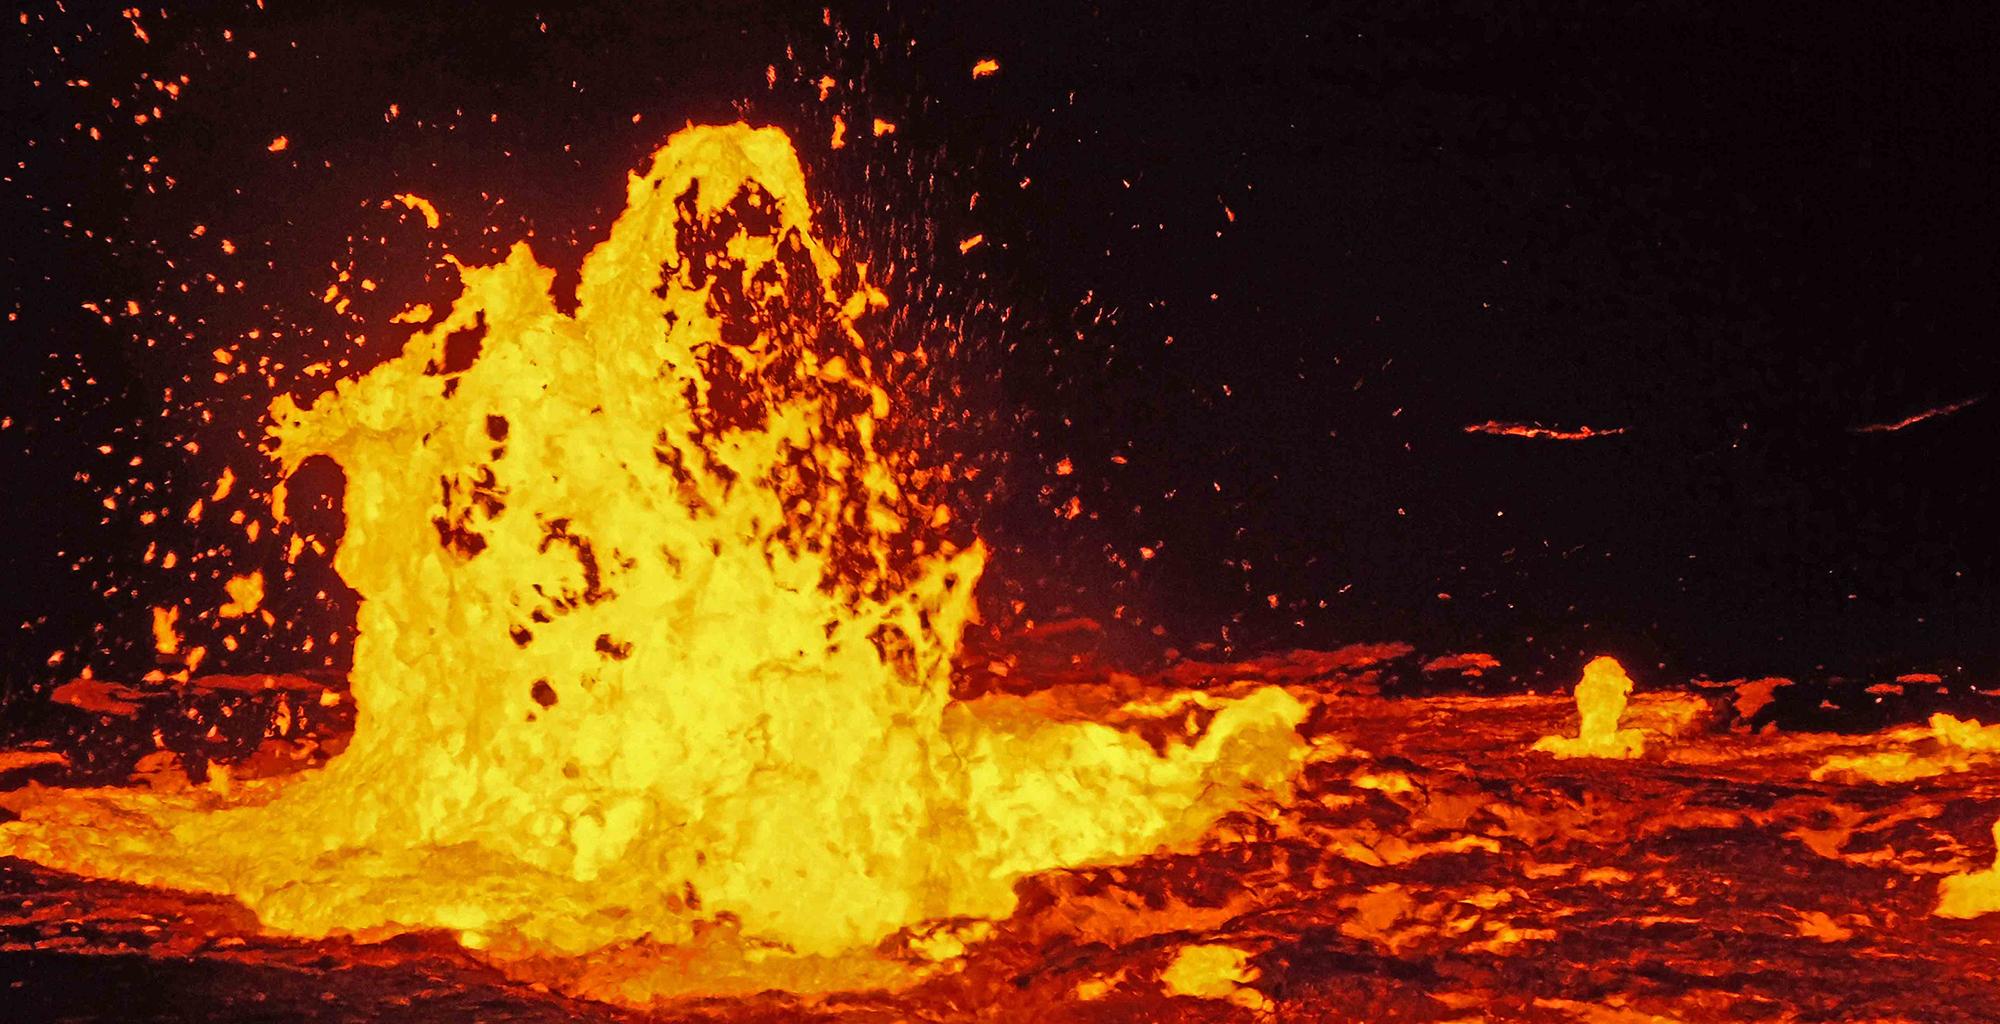 Danakil-Ethiopia-Lava